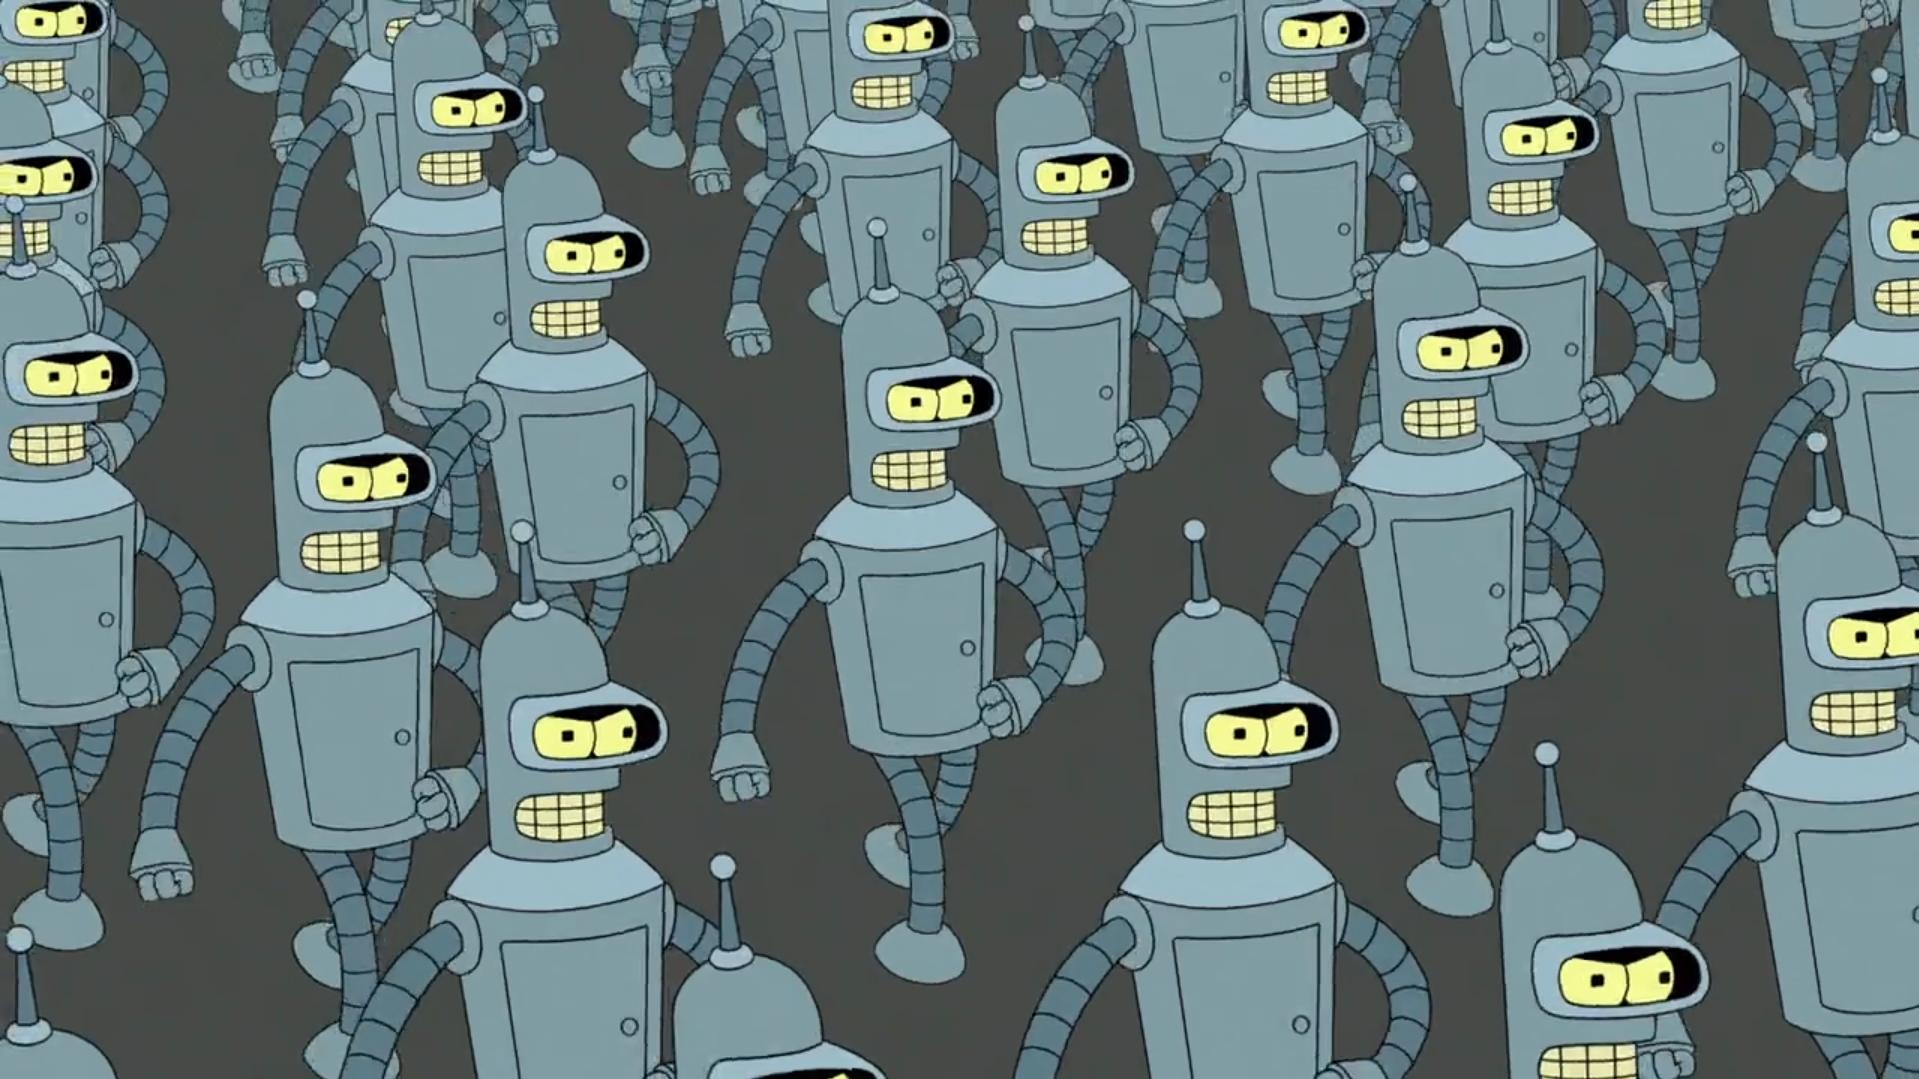 AI против харассмента и депрессии: как боты делают мир лучше - 1